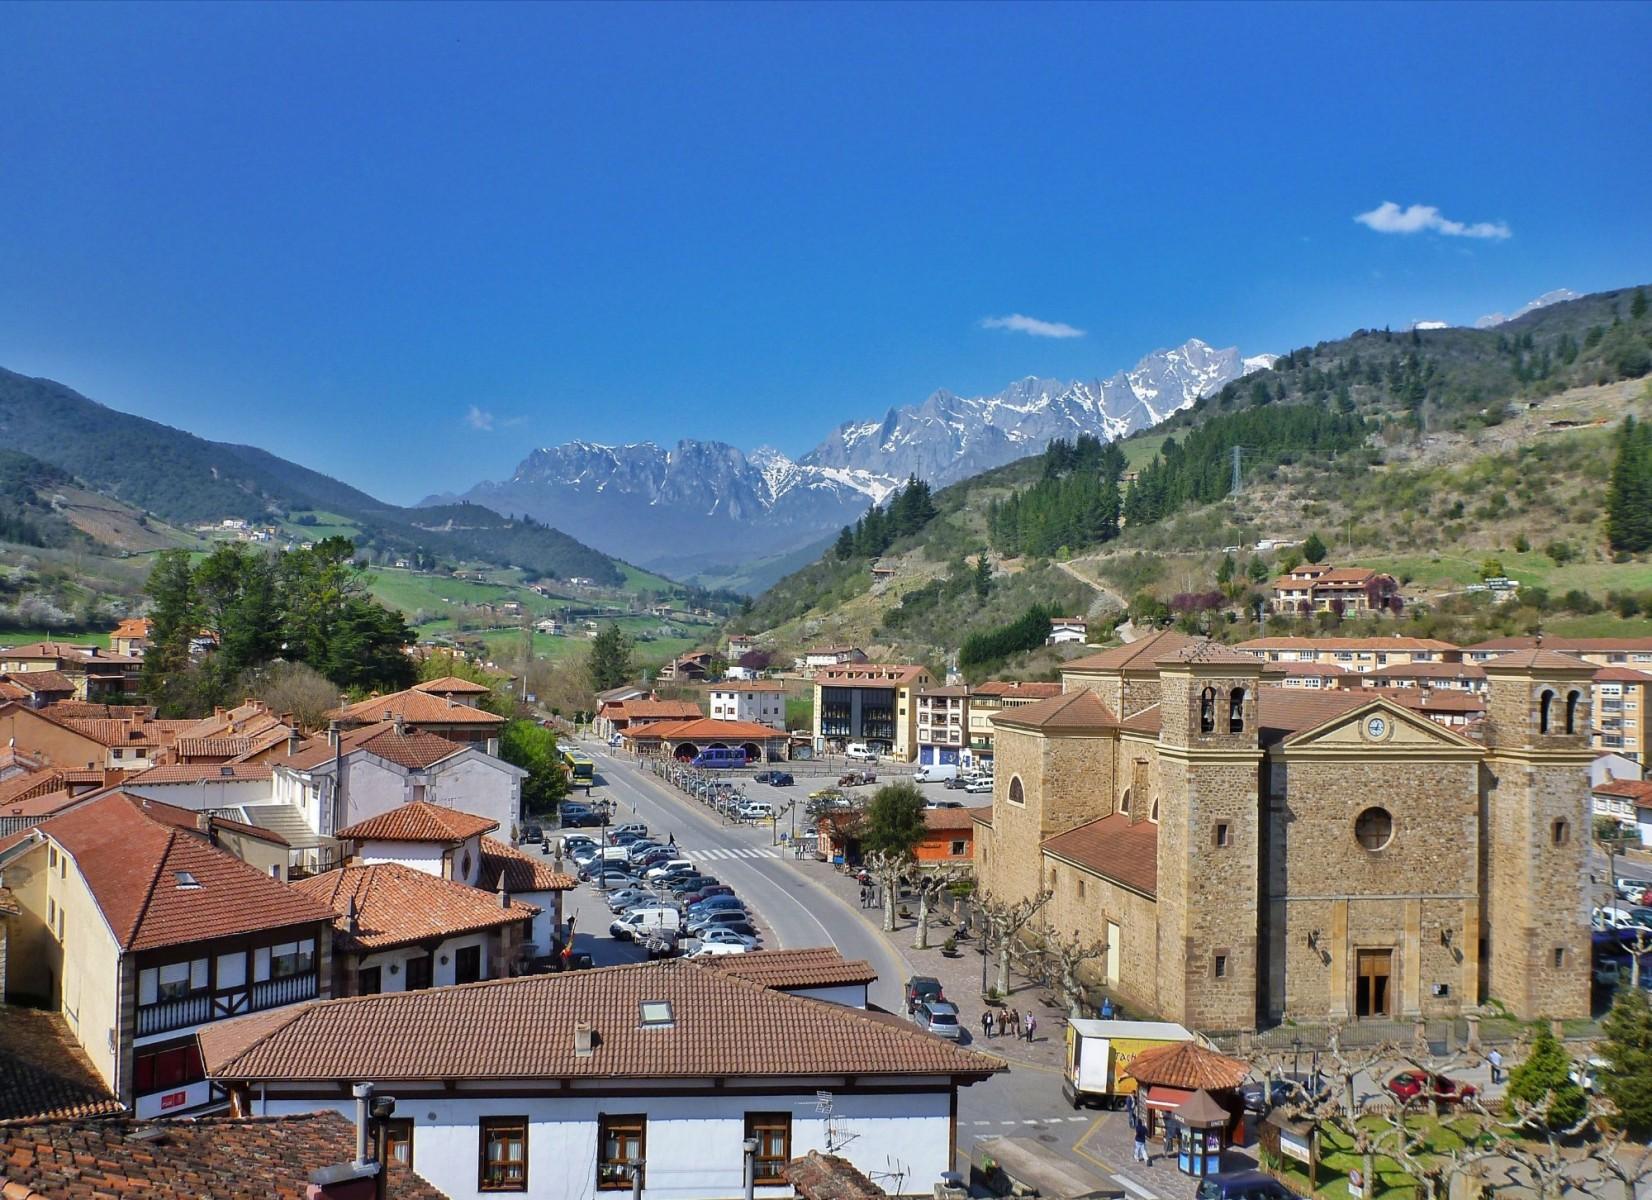 Potes turismo de cantabria portal oficial de turismo for Casas de pueblo en cantabria